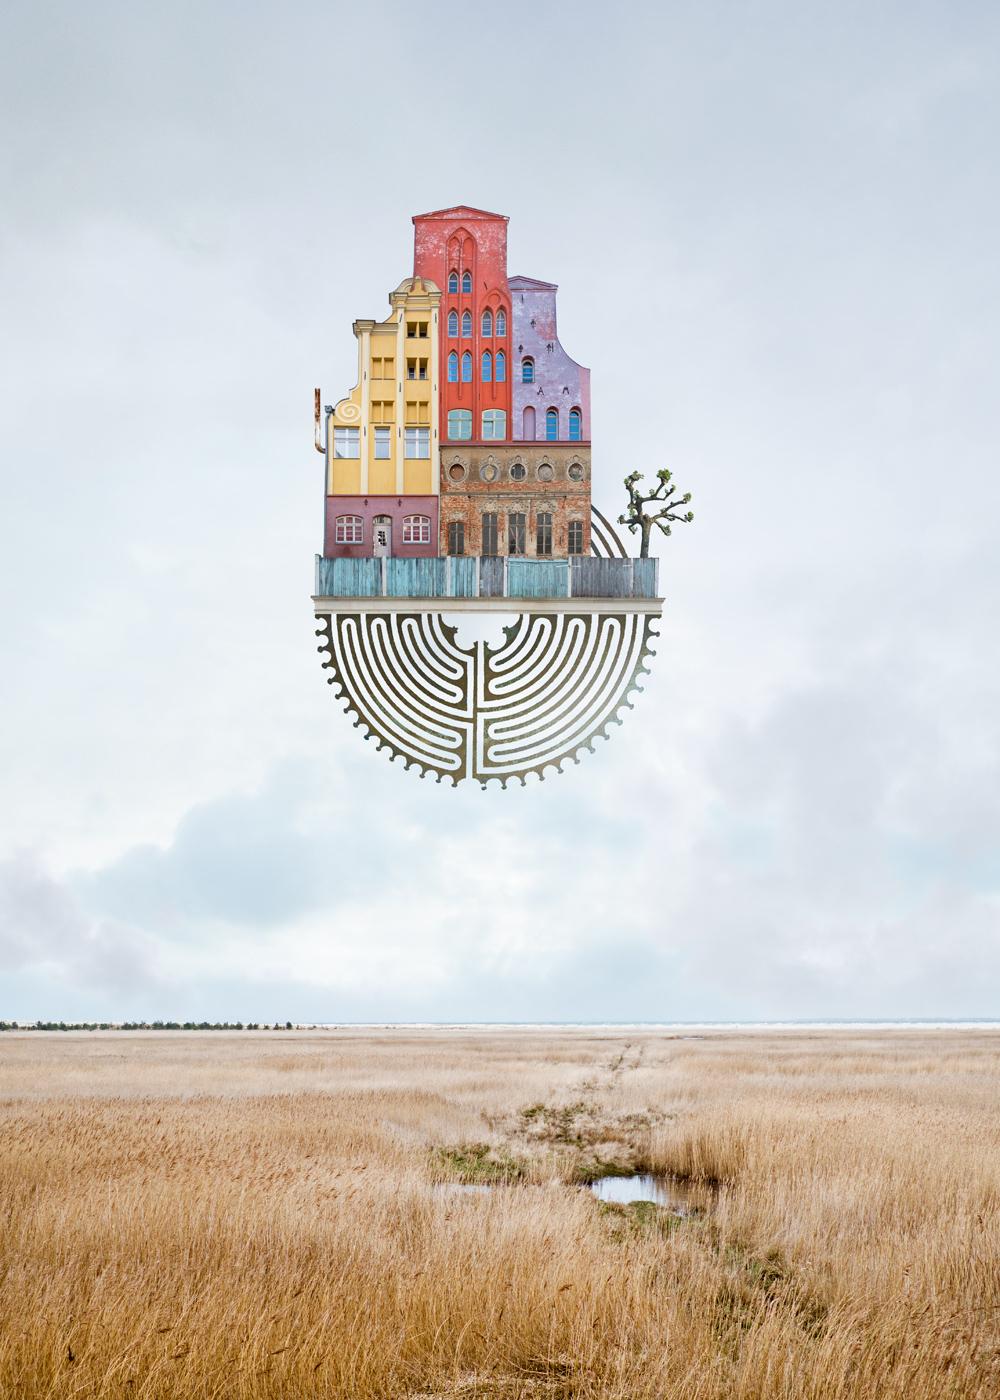 Le architetture galleggianti di Matthias Jung | Collater.al 2